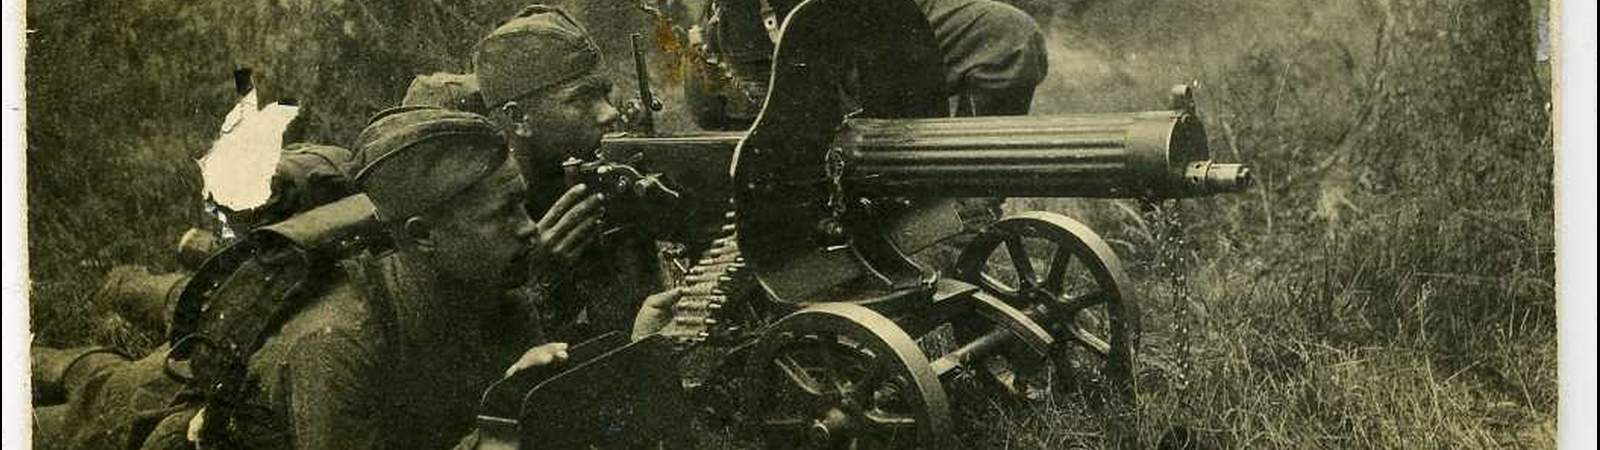 Пулеметчики 45-го